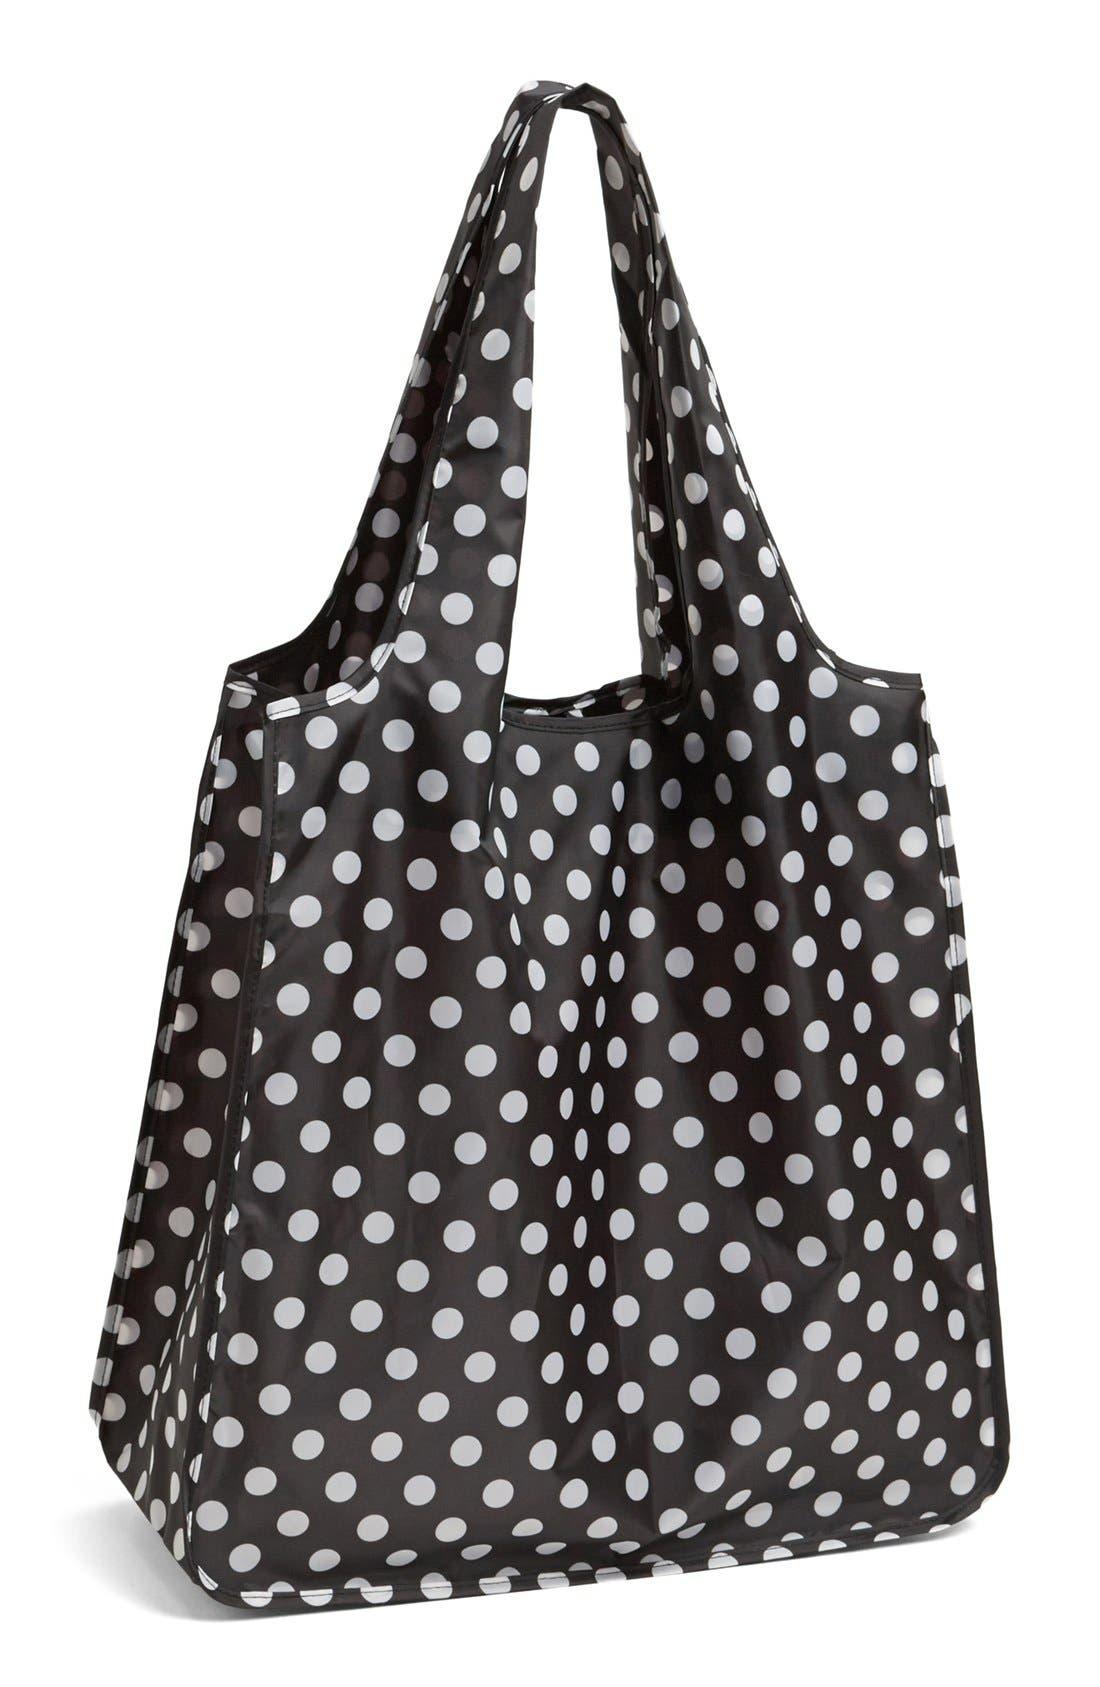 'polka dot' reusable shopping tote,                             Main thumbnail 1, color,                             001